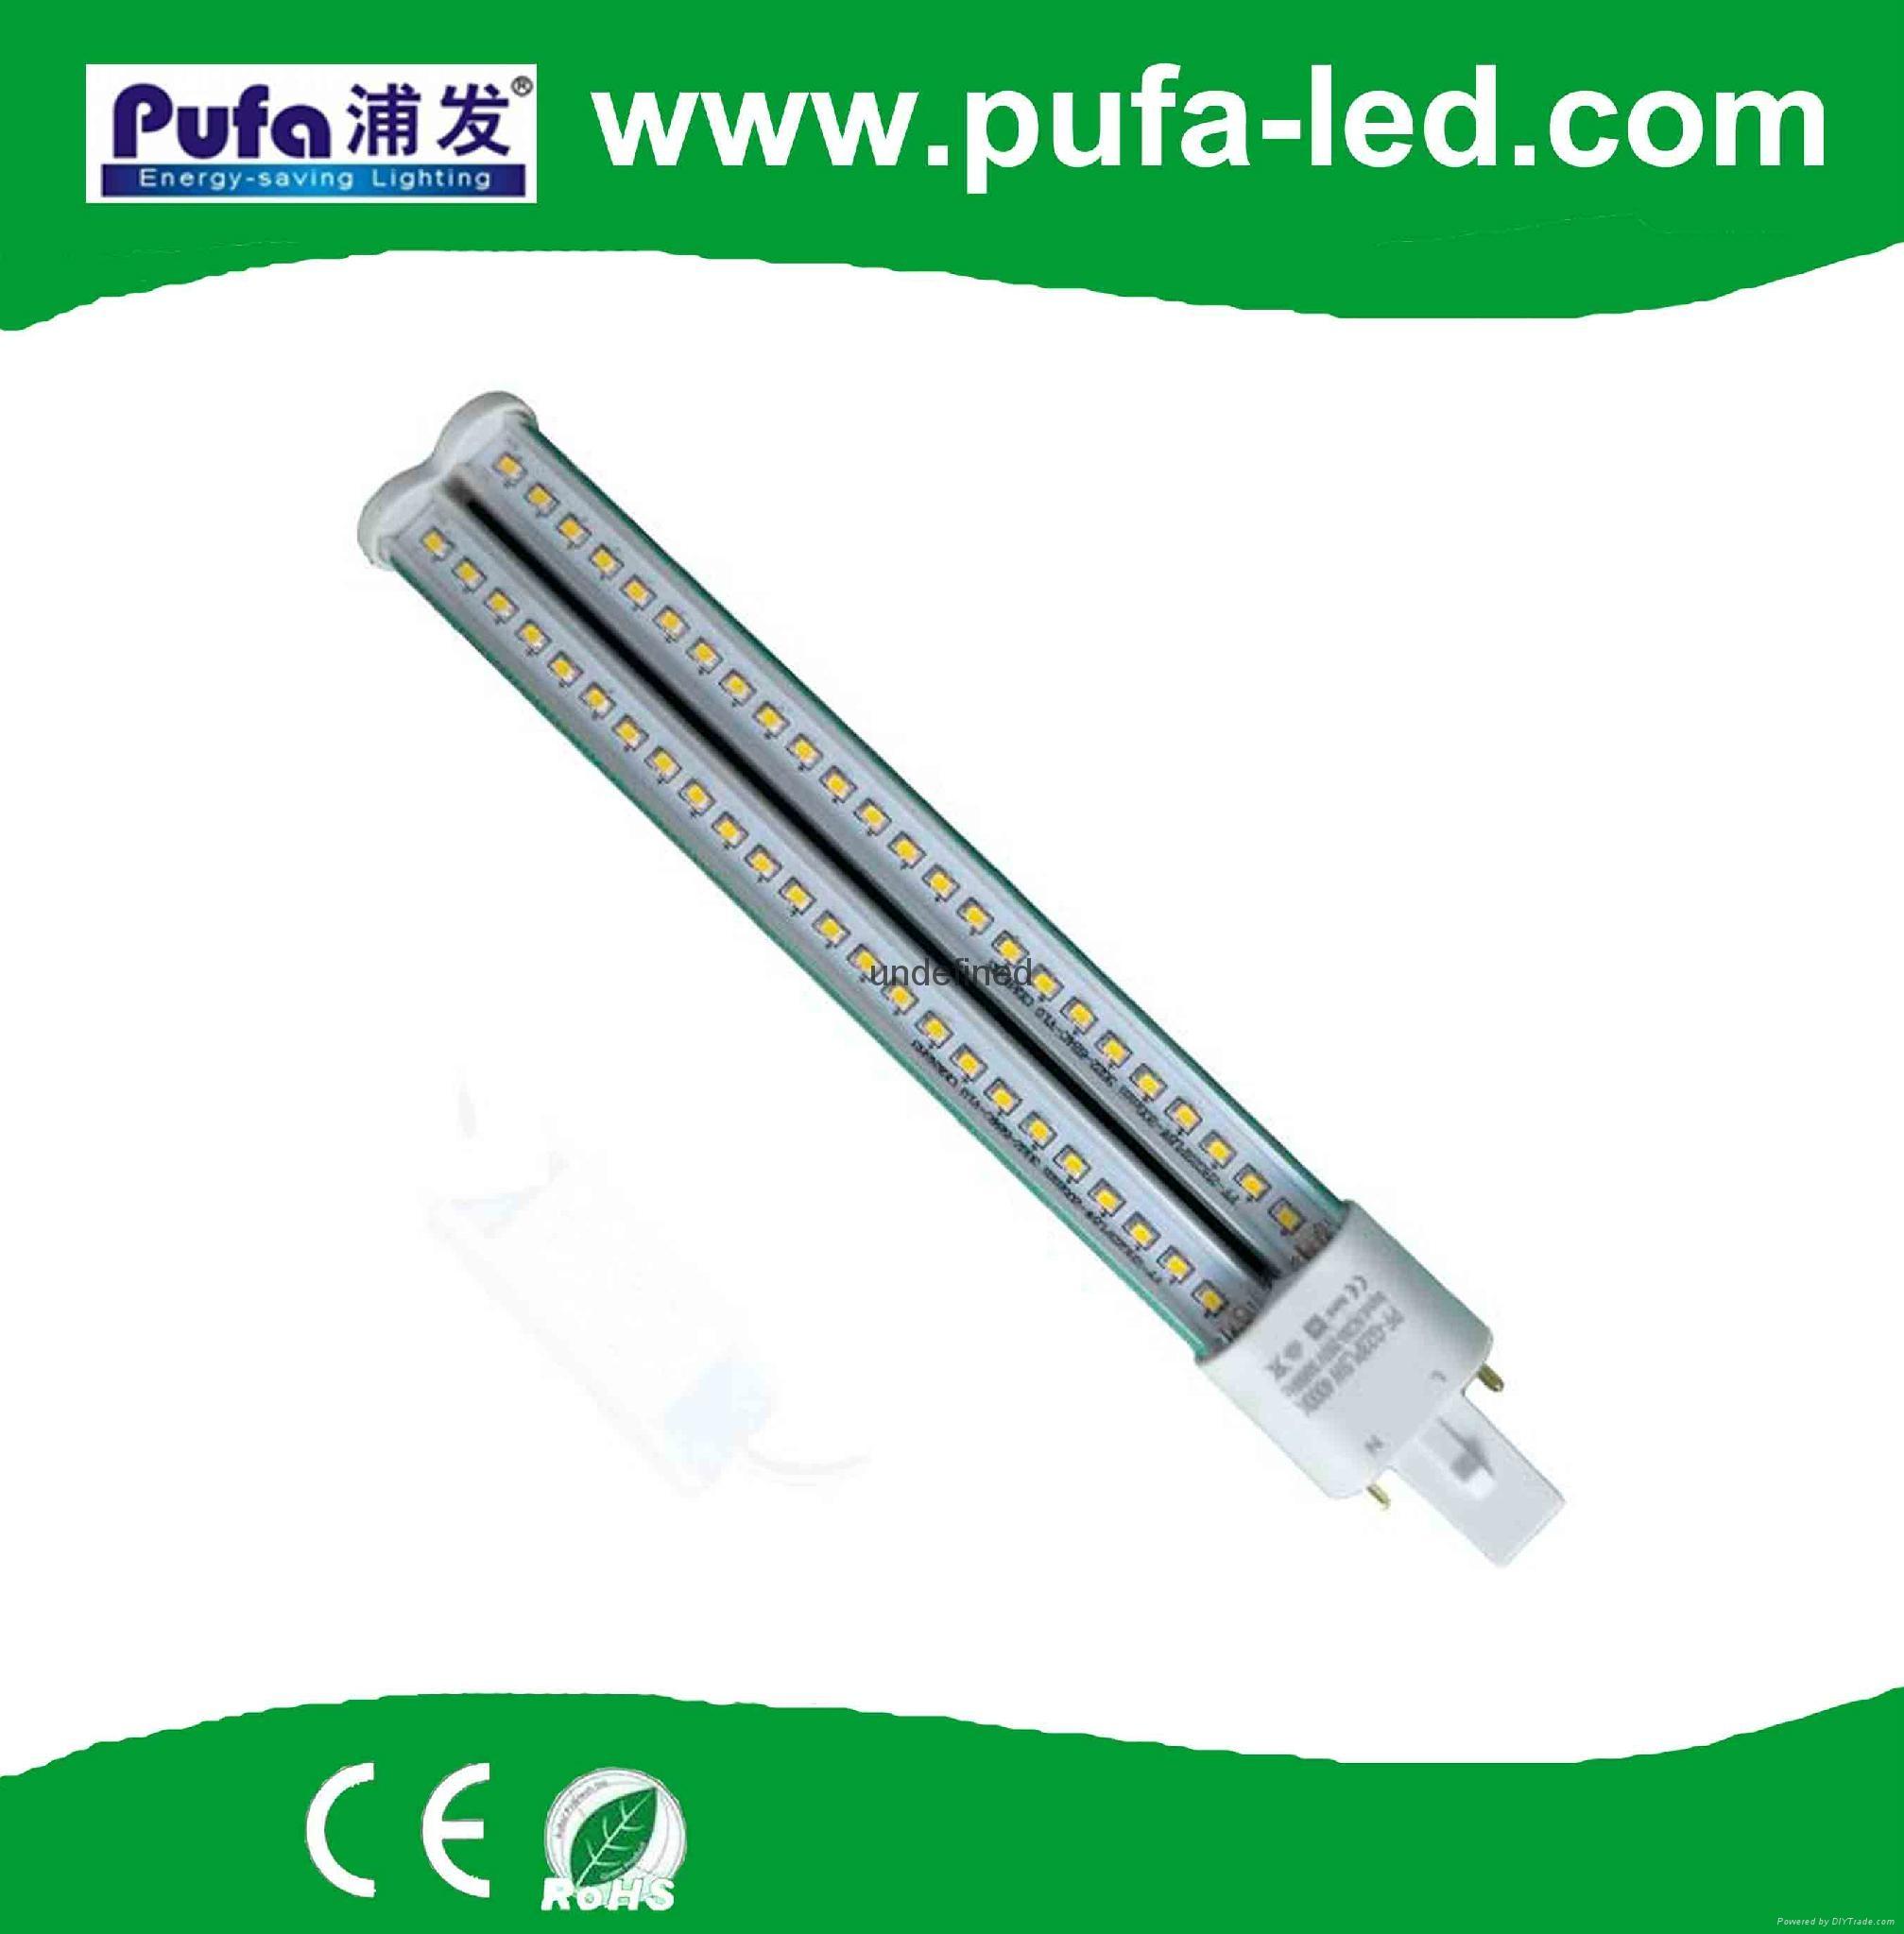 G23 LED 横插灯 5W 外置电源 1